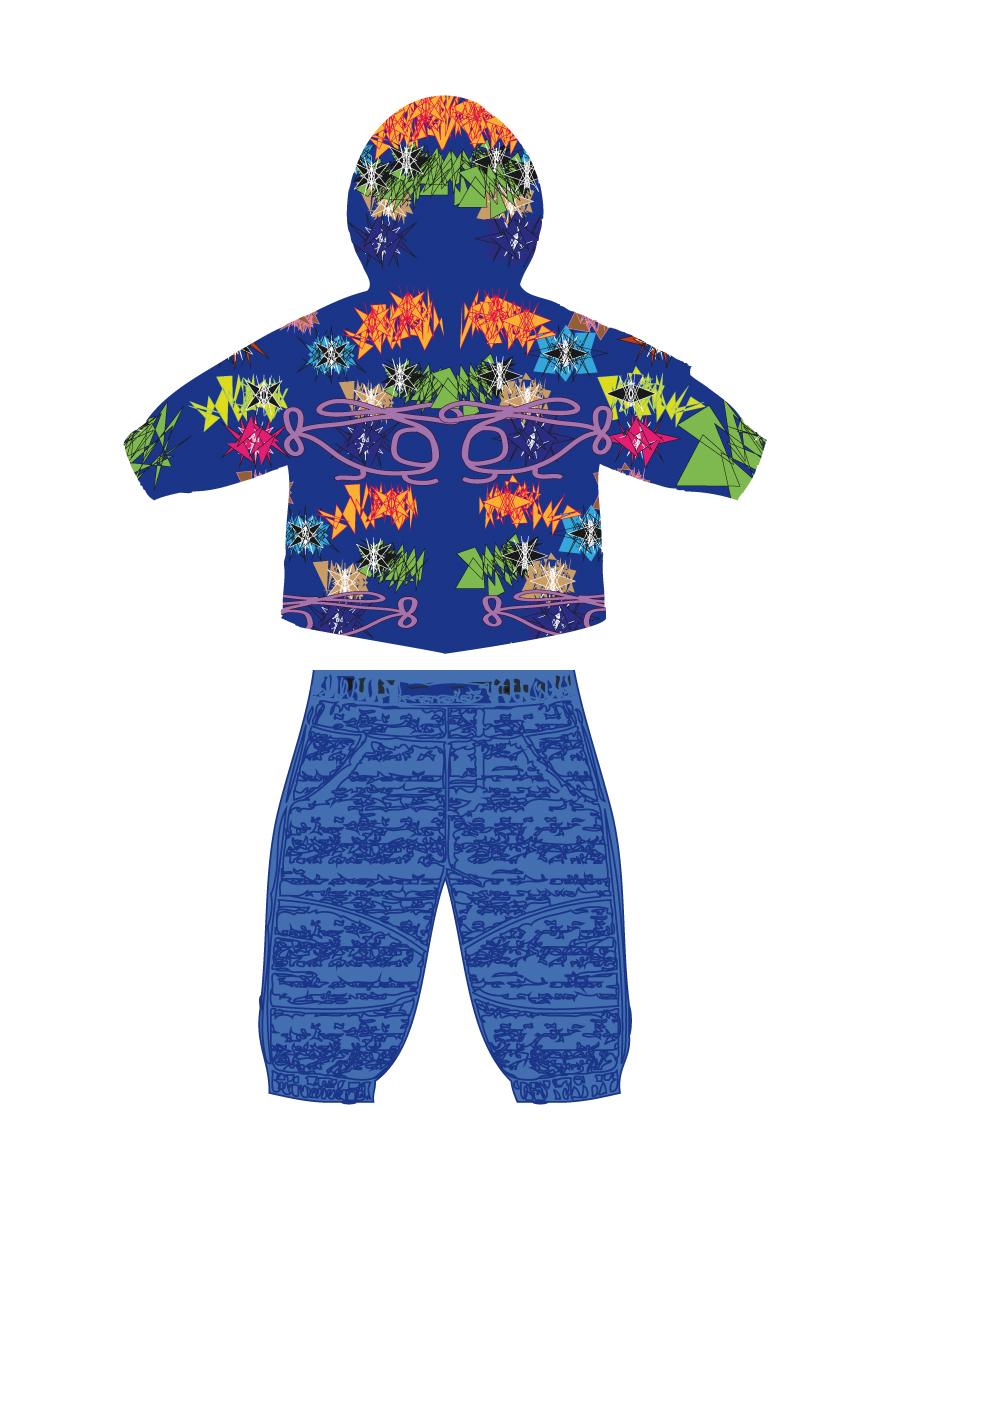 нарисовать дизайн ткани ( верхней детской одежды) фото f_1845c9e7dd6afc7a.jpg